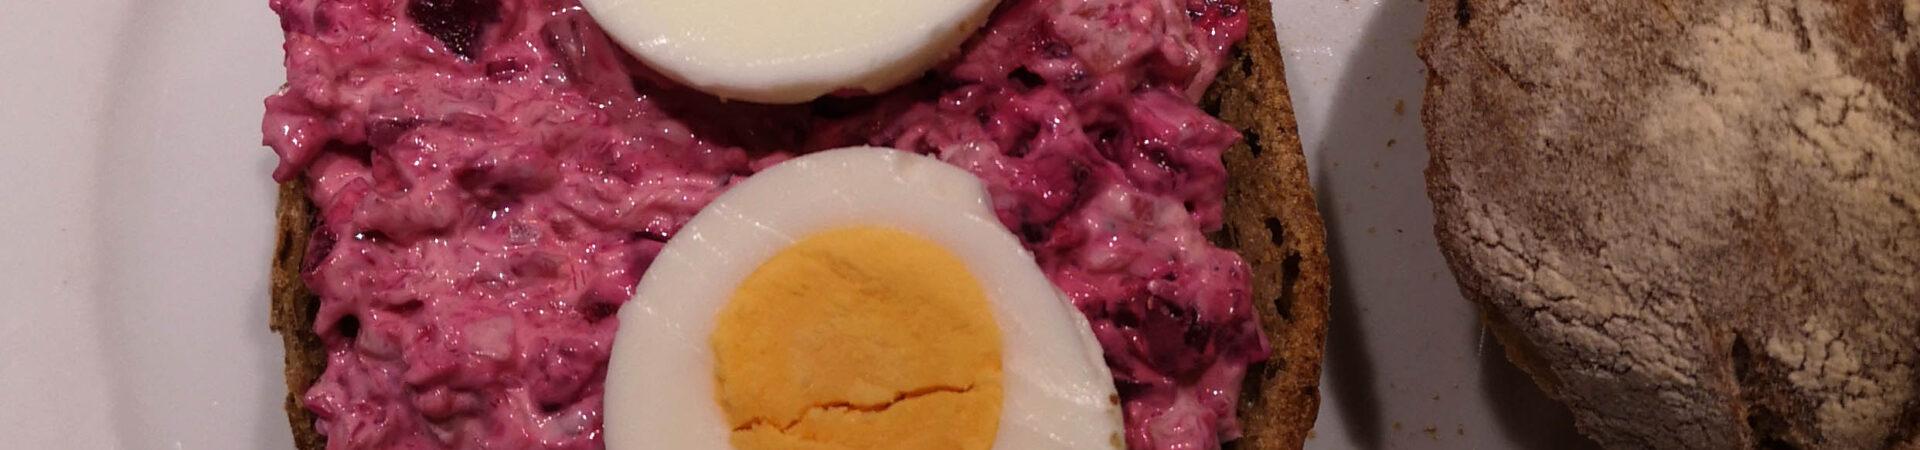 Rote Beete Salat mit geräucherter Forelle (und noch etwas mehr)